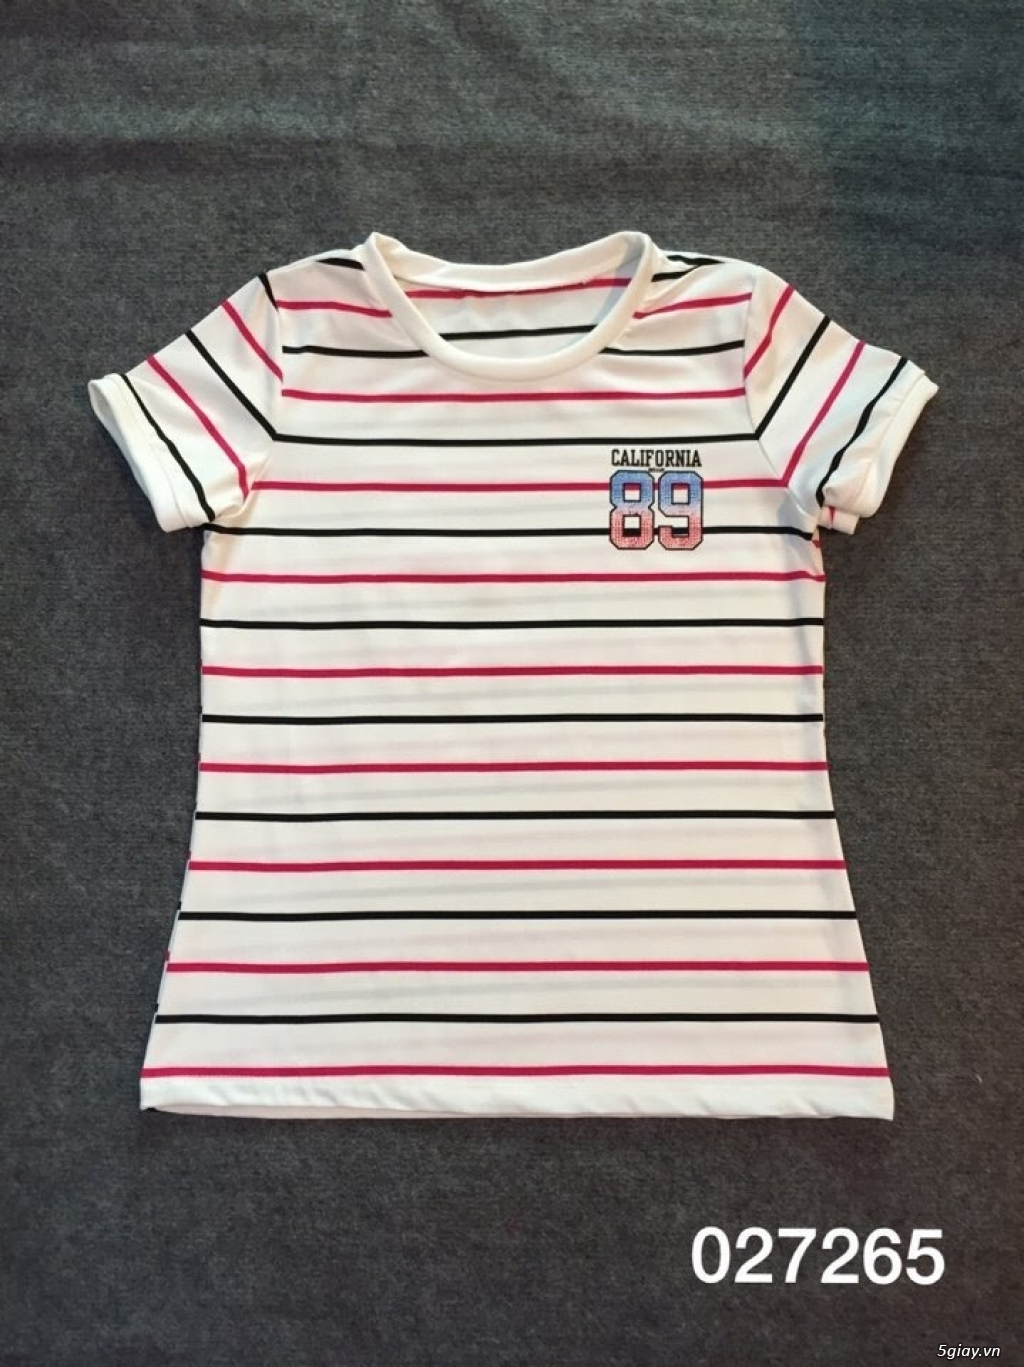 Bỏ sỉ áo thun mẹ & bé 10k - 15k - 20k giá rẻ, chất lượng tốt nhất  !!! - 29